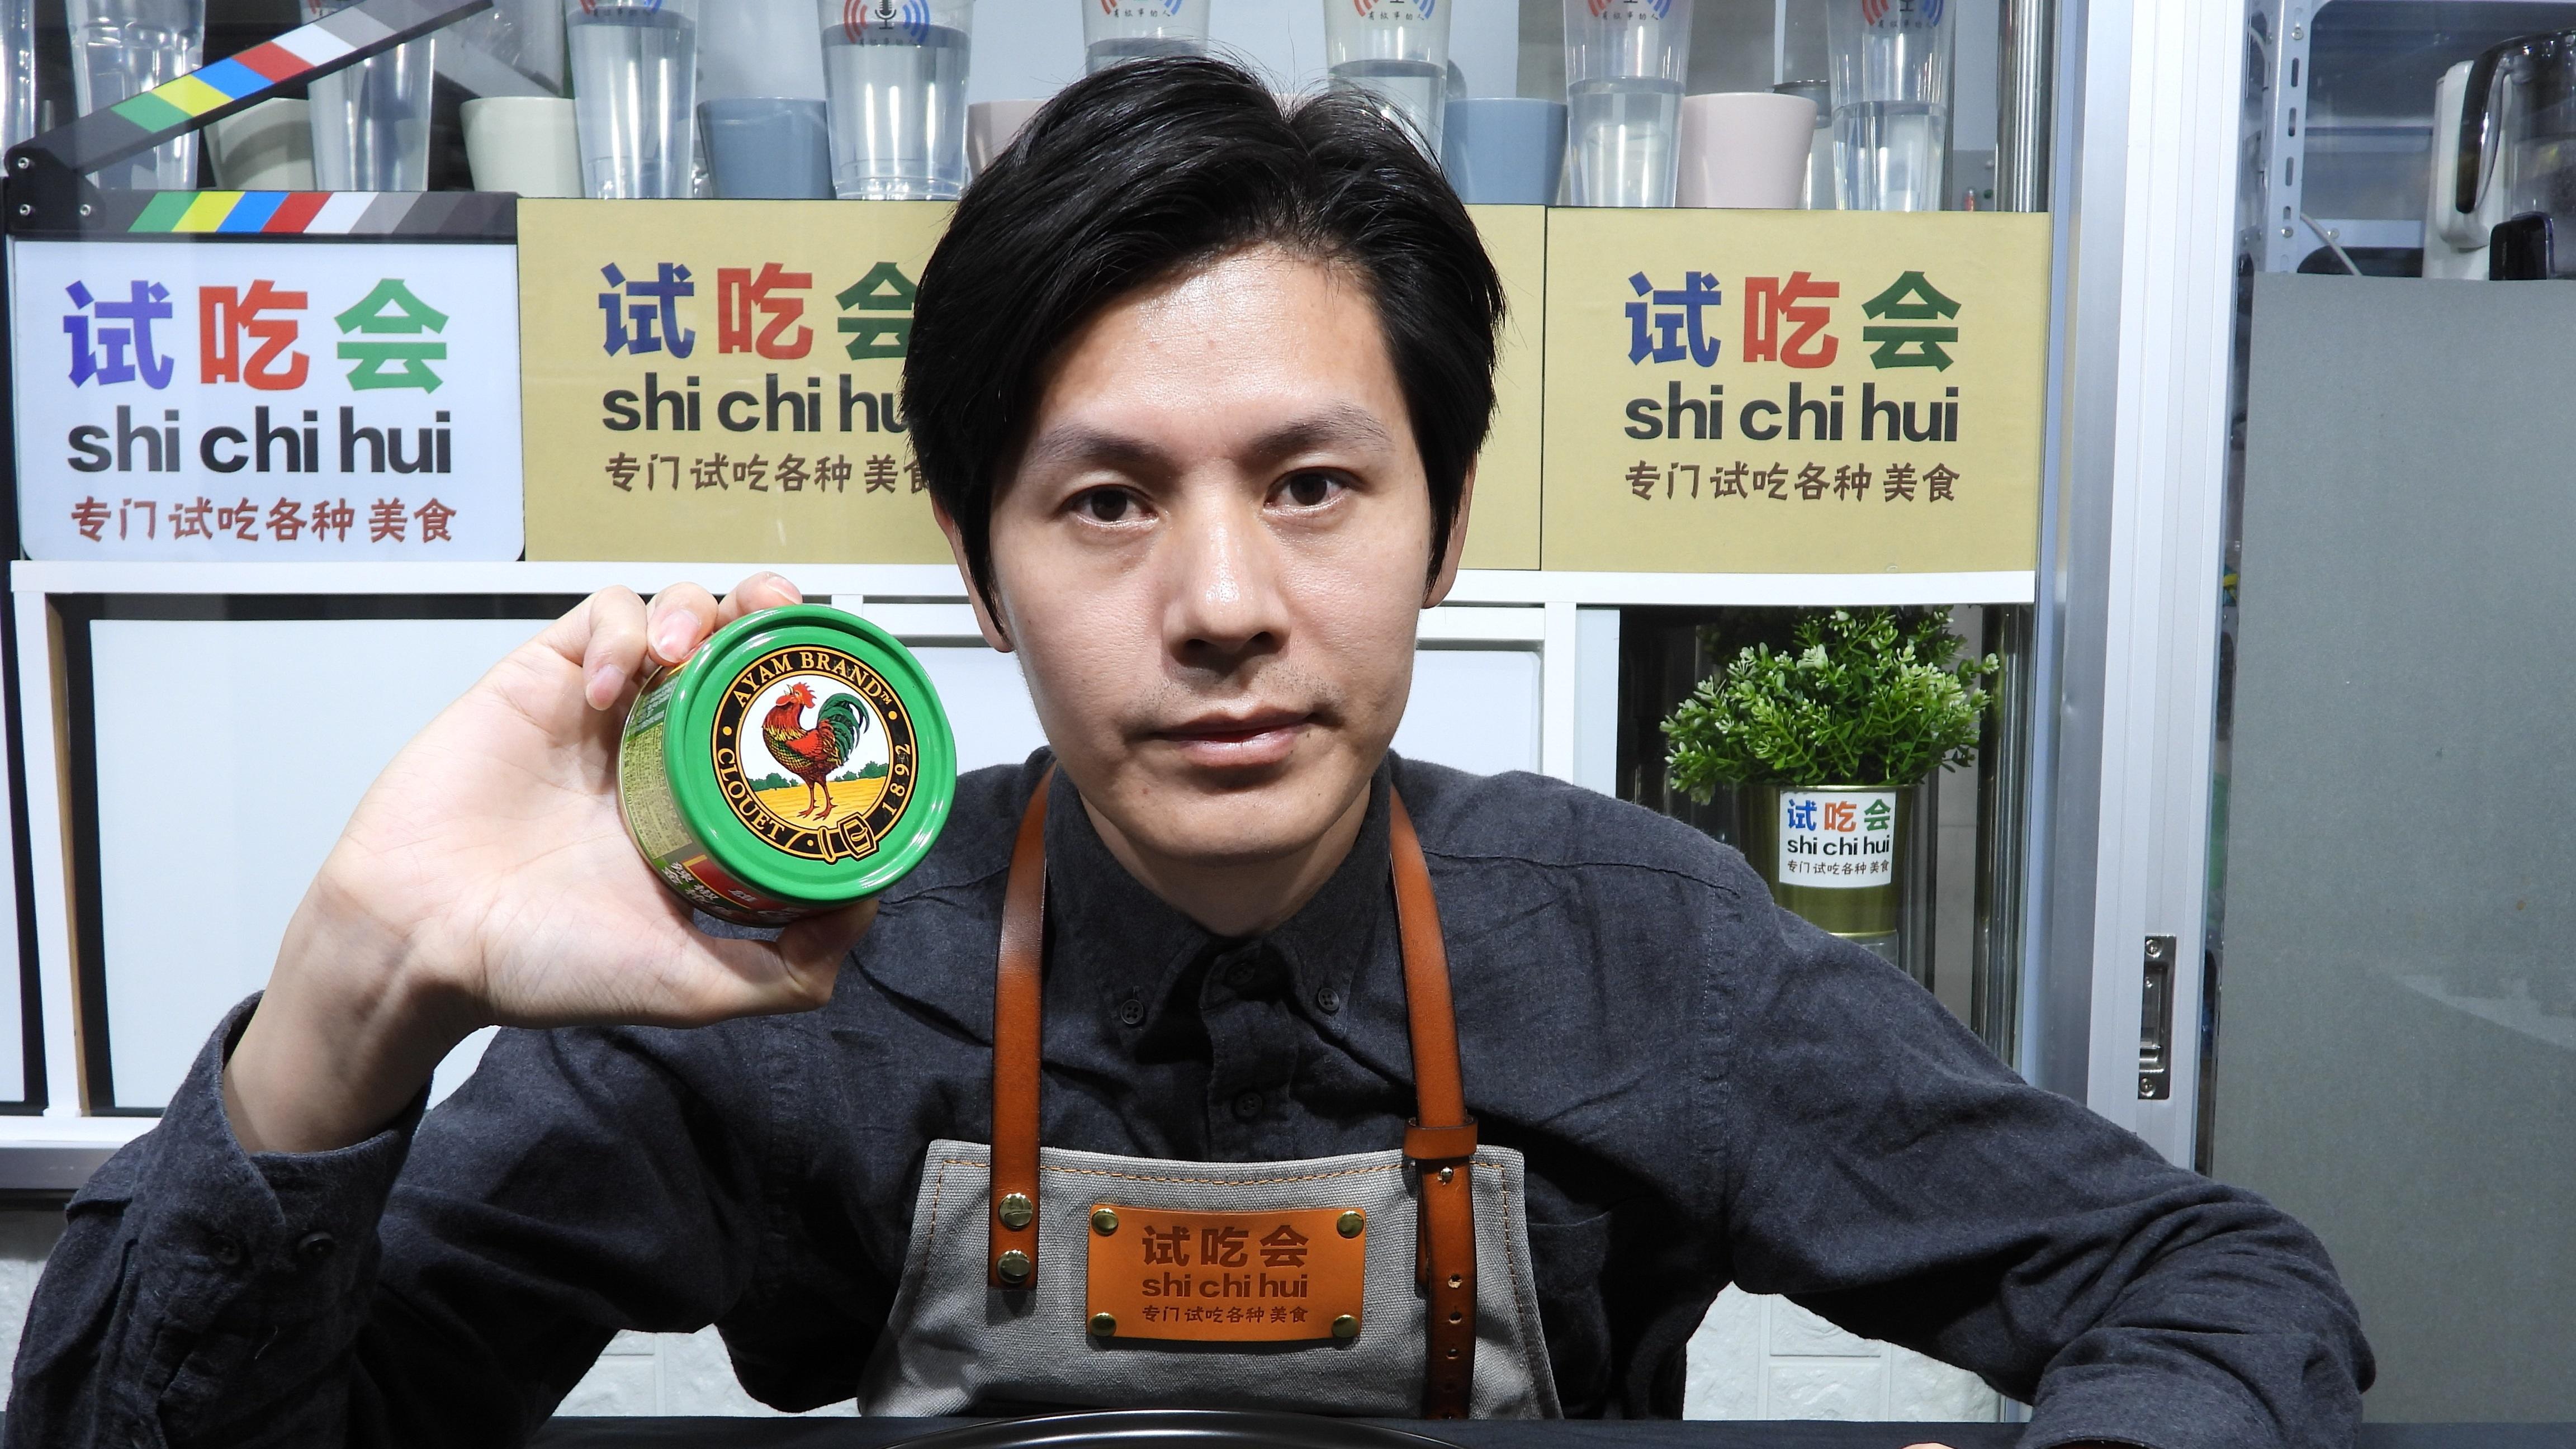 #试吃#试吃泰国雄鸡标辣椒金枪鱼